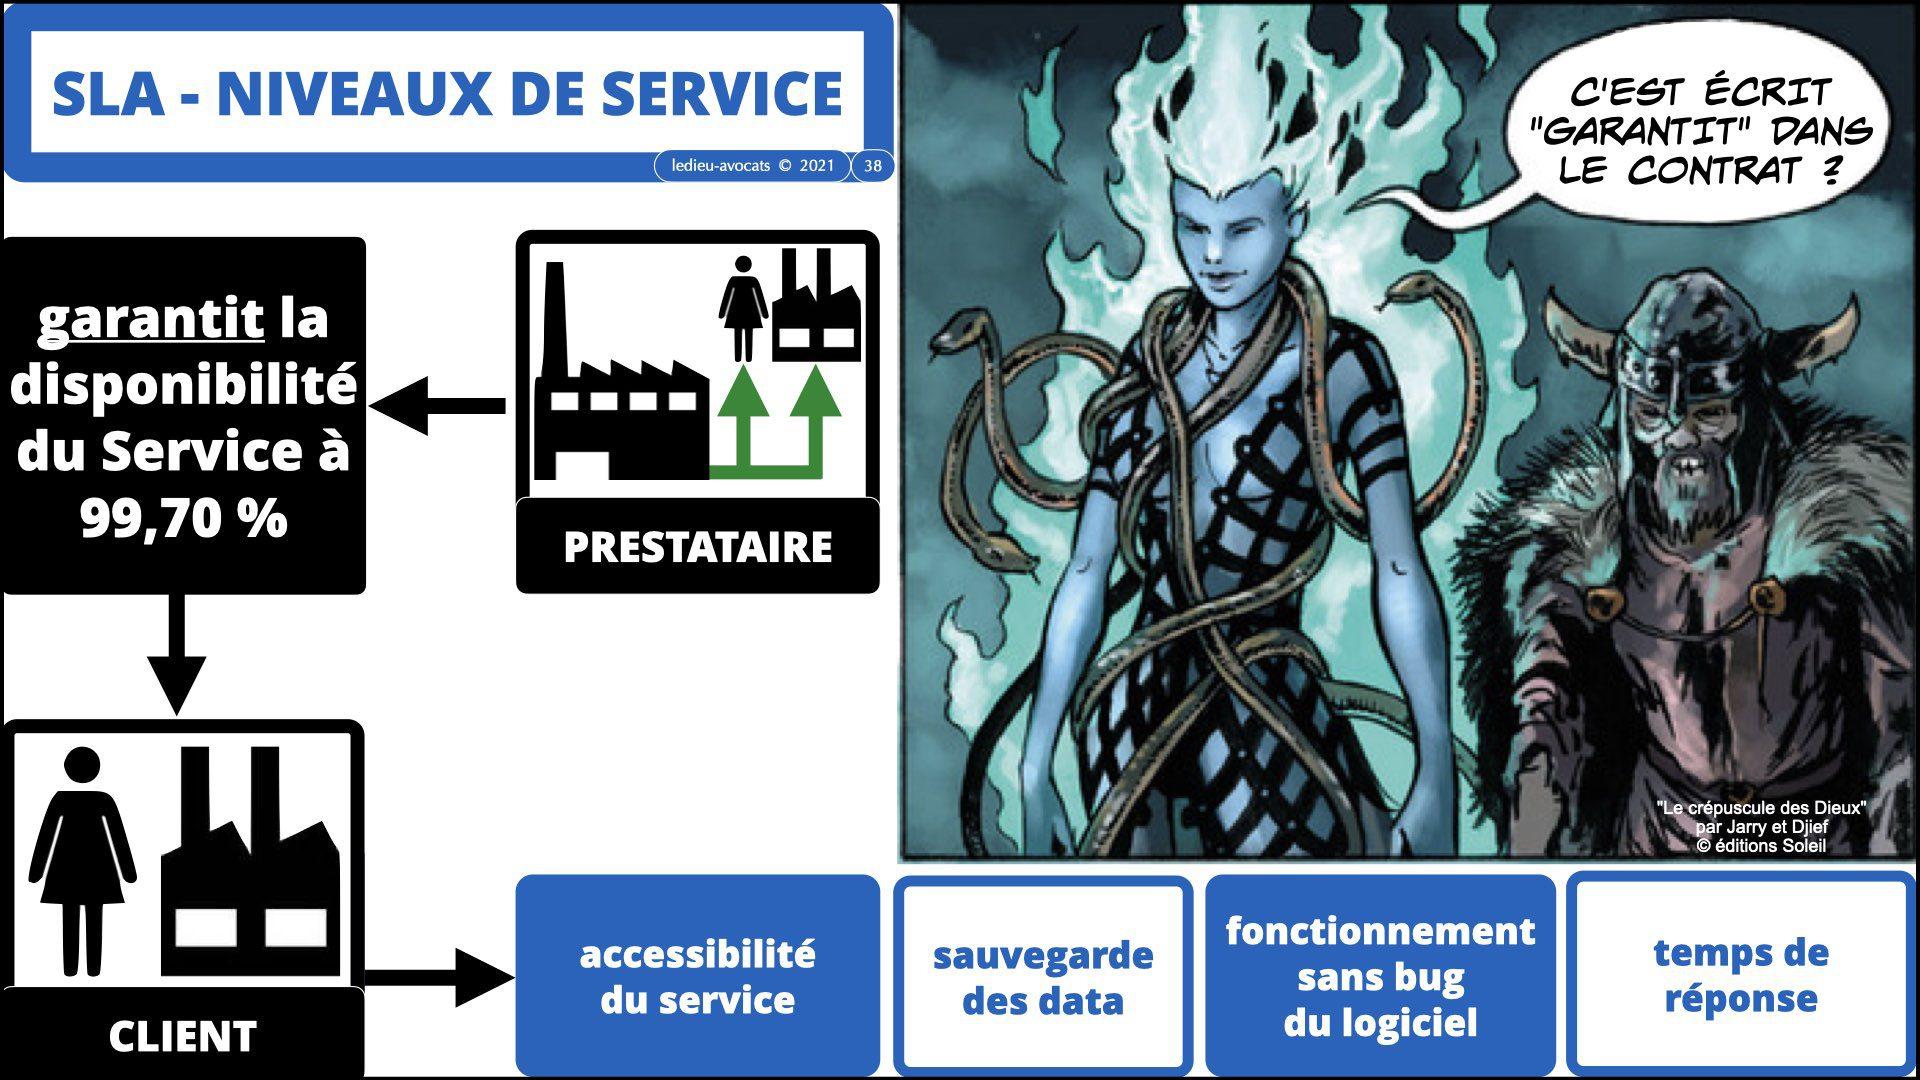 343 service LOGICIEL SaaS Software-as-a-Service cloud computing © Ledieu-Avocats technique droit numerique 30-08-2021.038